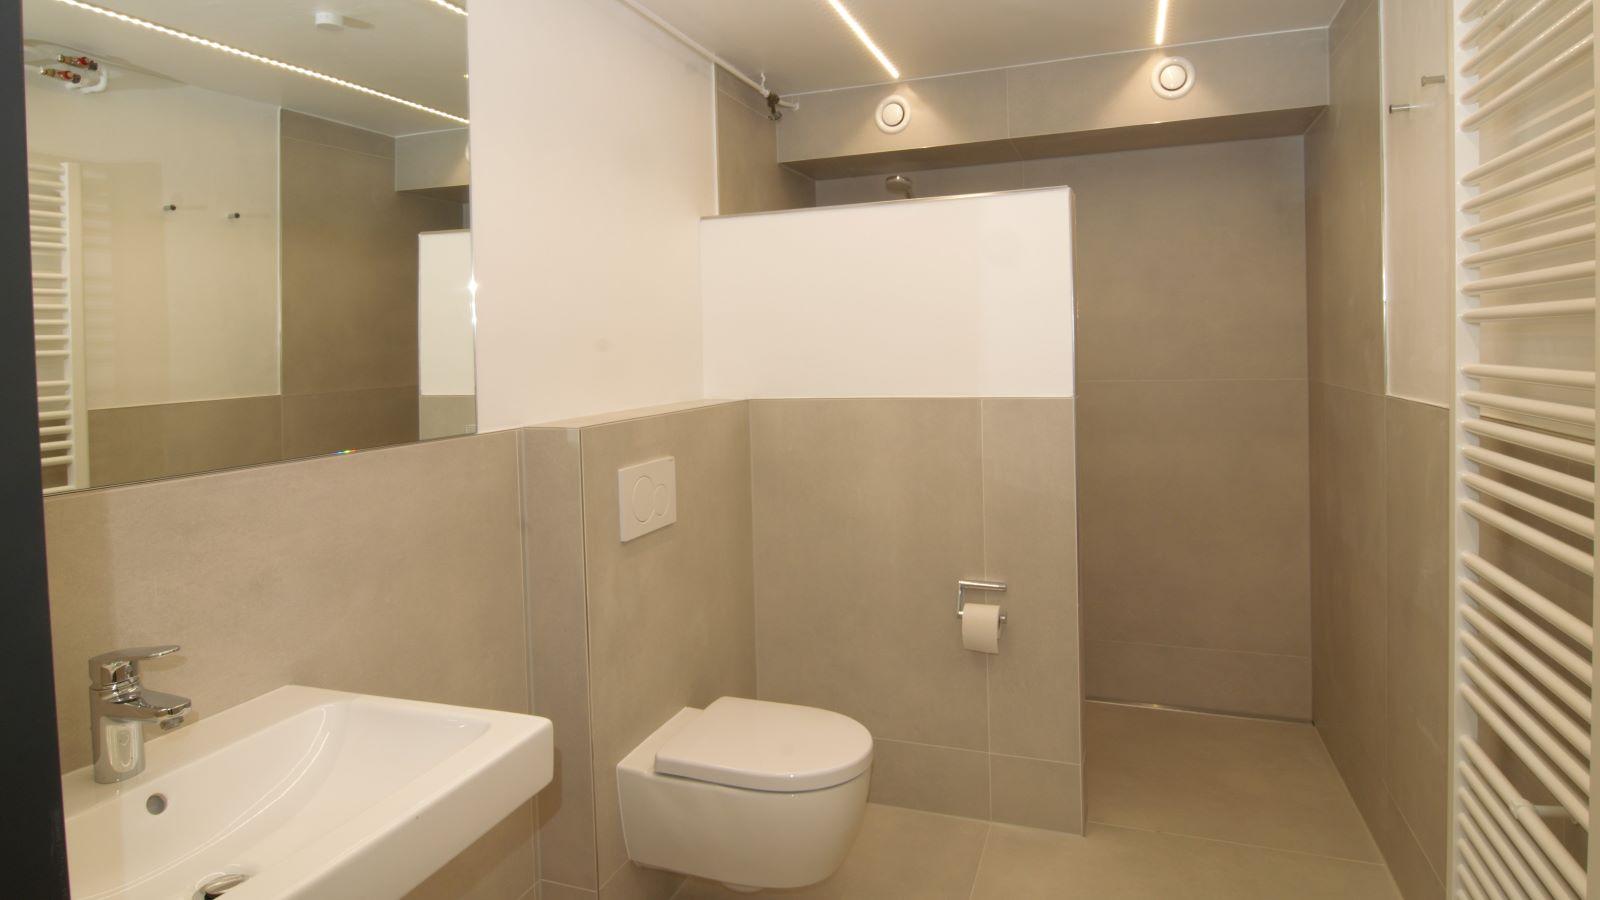 Die abgebildete, barrierefreie walk-in-dusche im sanitaerbereich hat eine wandbuendig montierte v4a edelstahl-duschrinne pro mit seitlichem ablauf zur linienentwaesserung. Die schmale schlitzduschrinne mit der sehr hohen ablaufleistung von ca. 1 l/s erlaubt eine sehr gute duschentwaesserung durch den ebenerdigen bodenablauf.